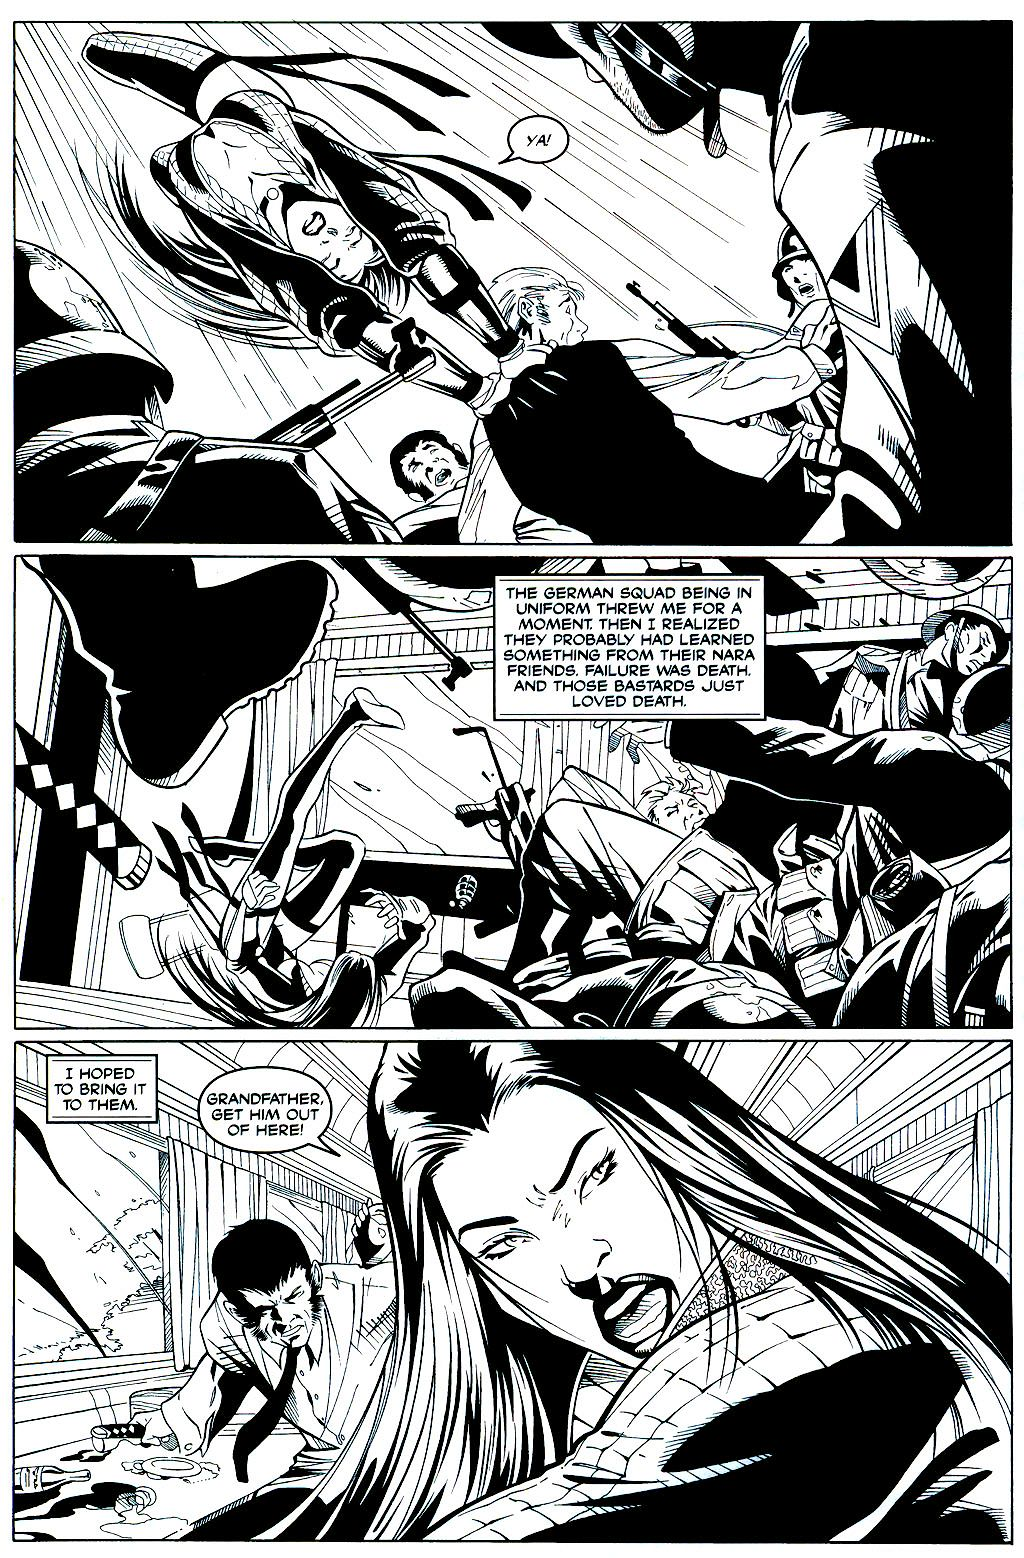 Read online Shi: Sempo comic -  Issue #2 - 6